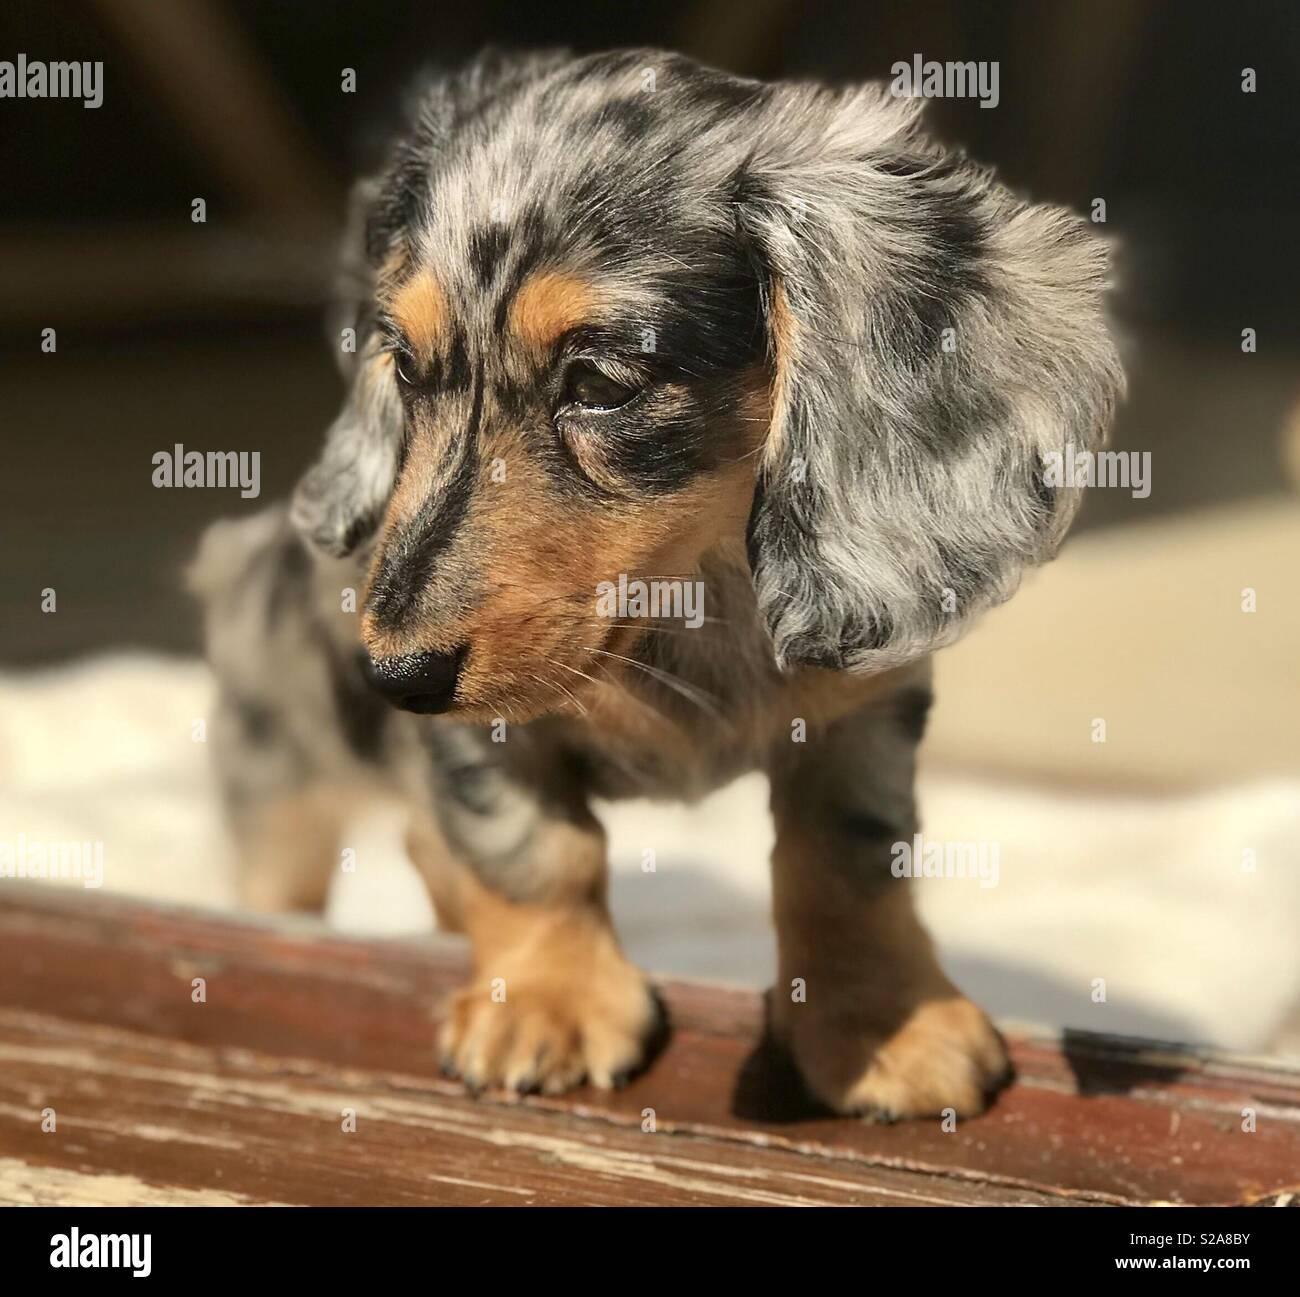 Dapple Dachshund - Stock Image